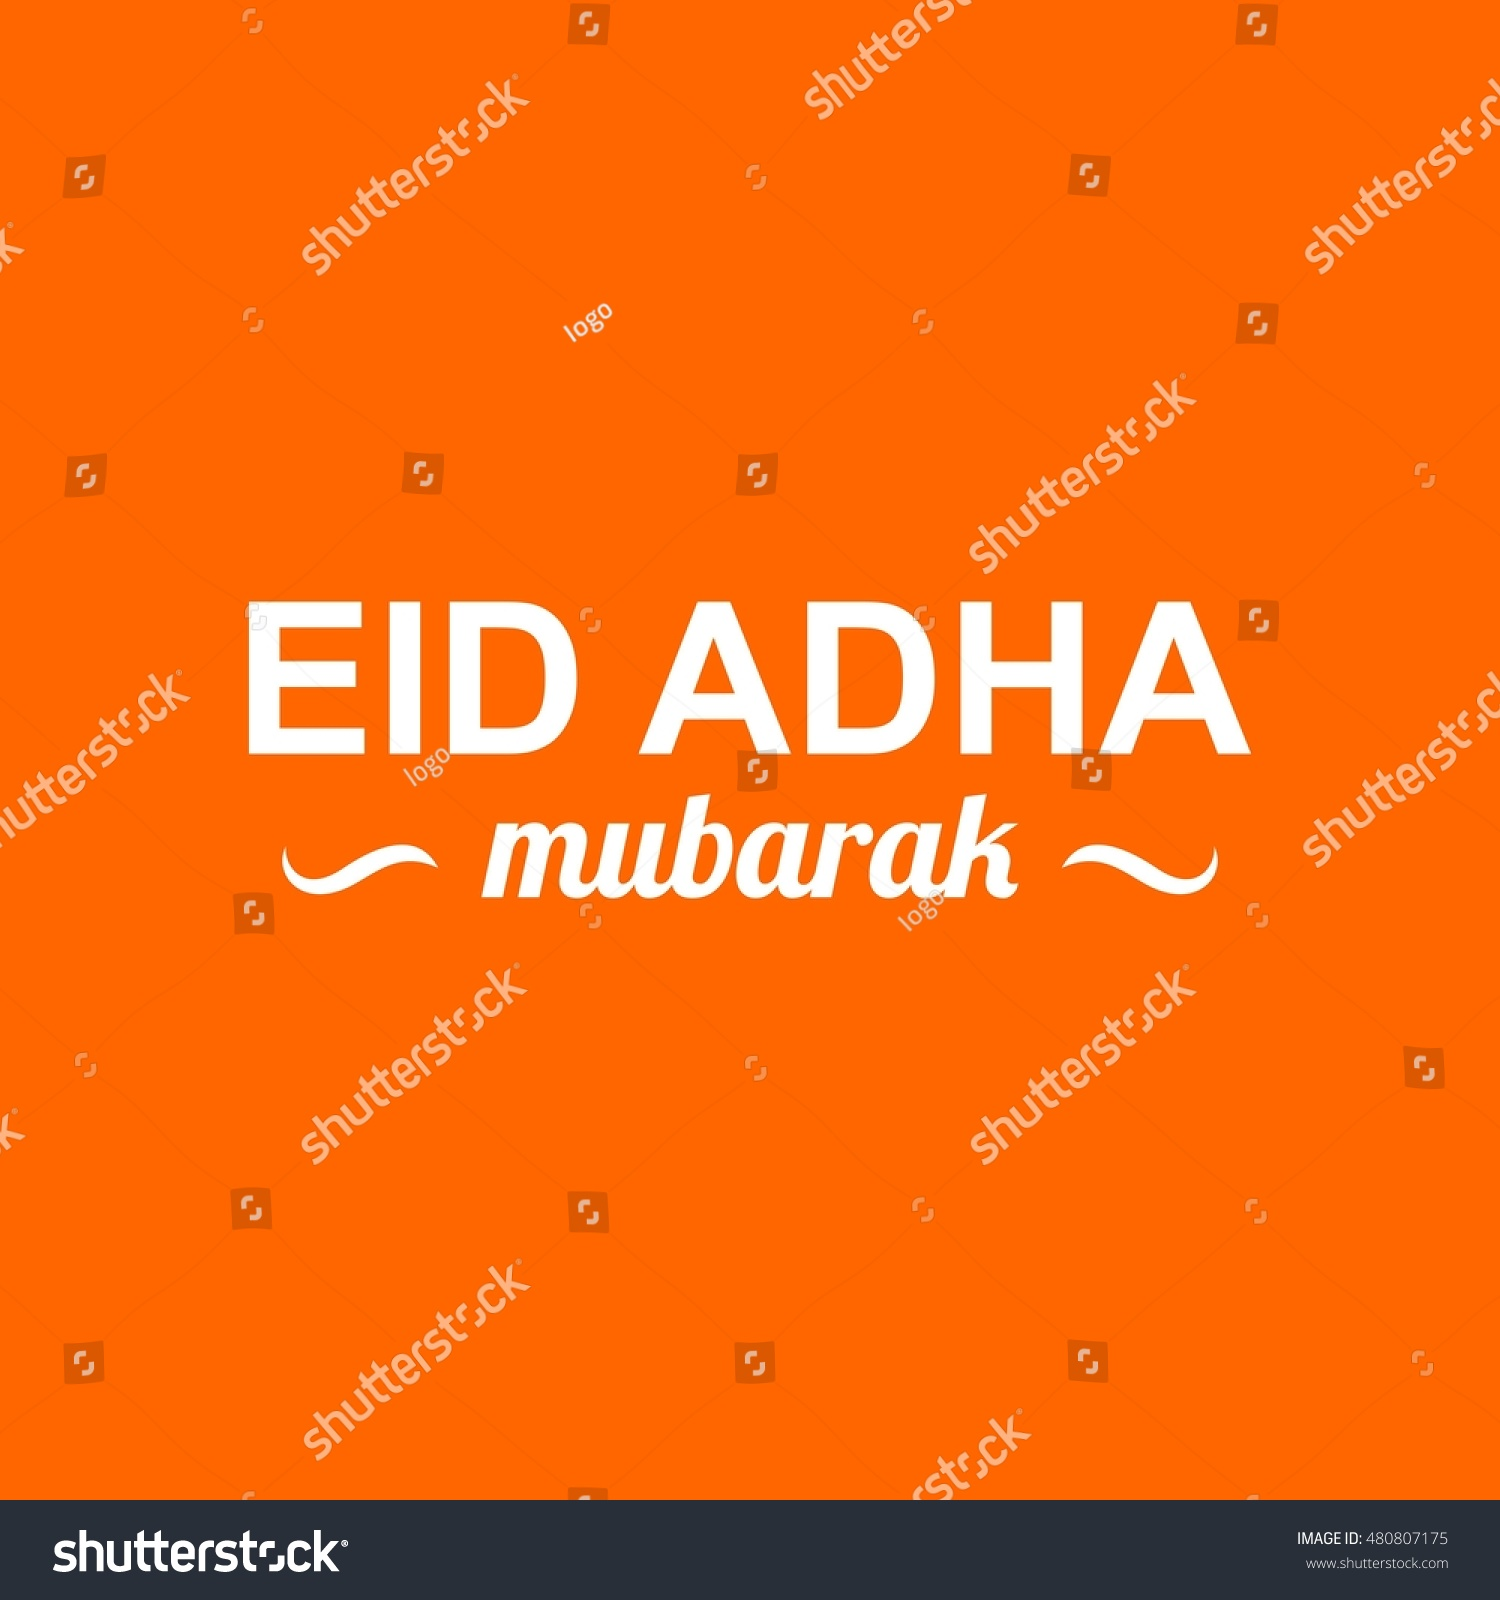 eid adha mubarak logo vector